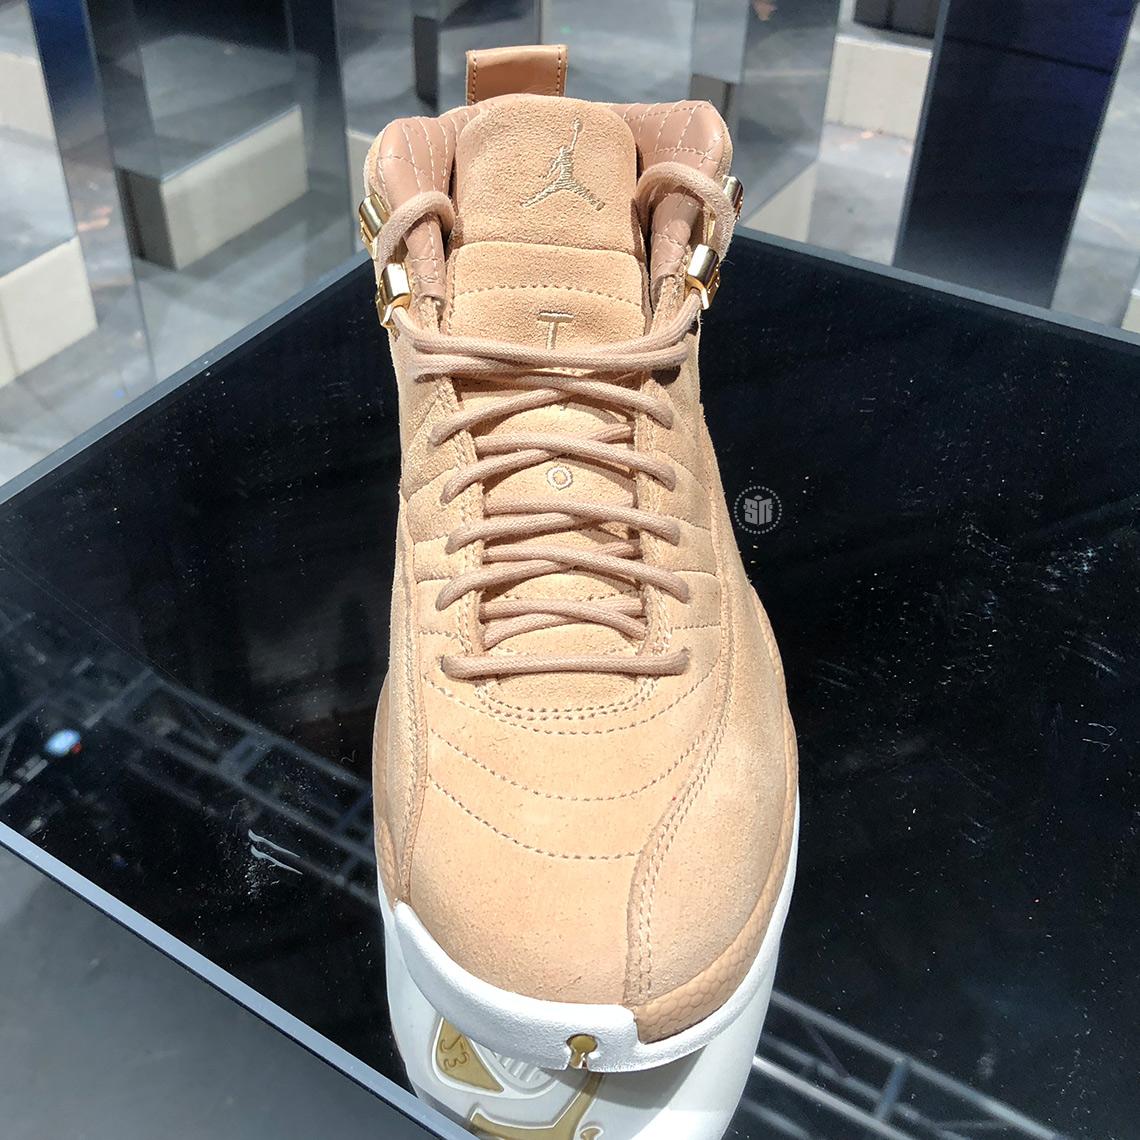 66a66554df2 Air Jordan 12